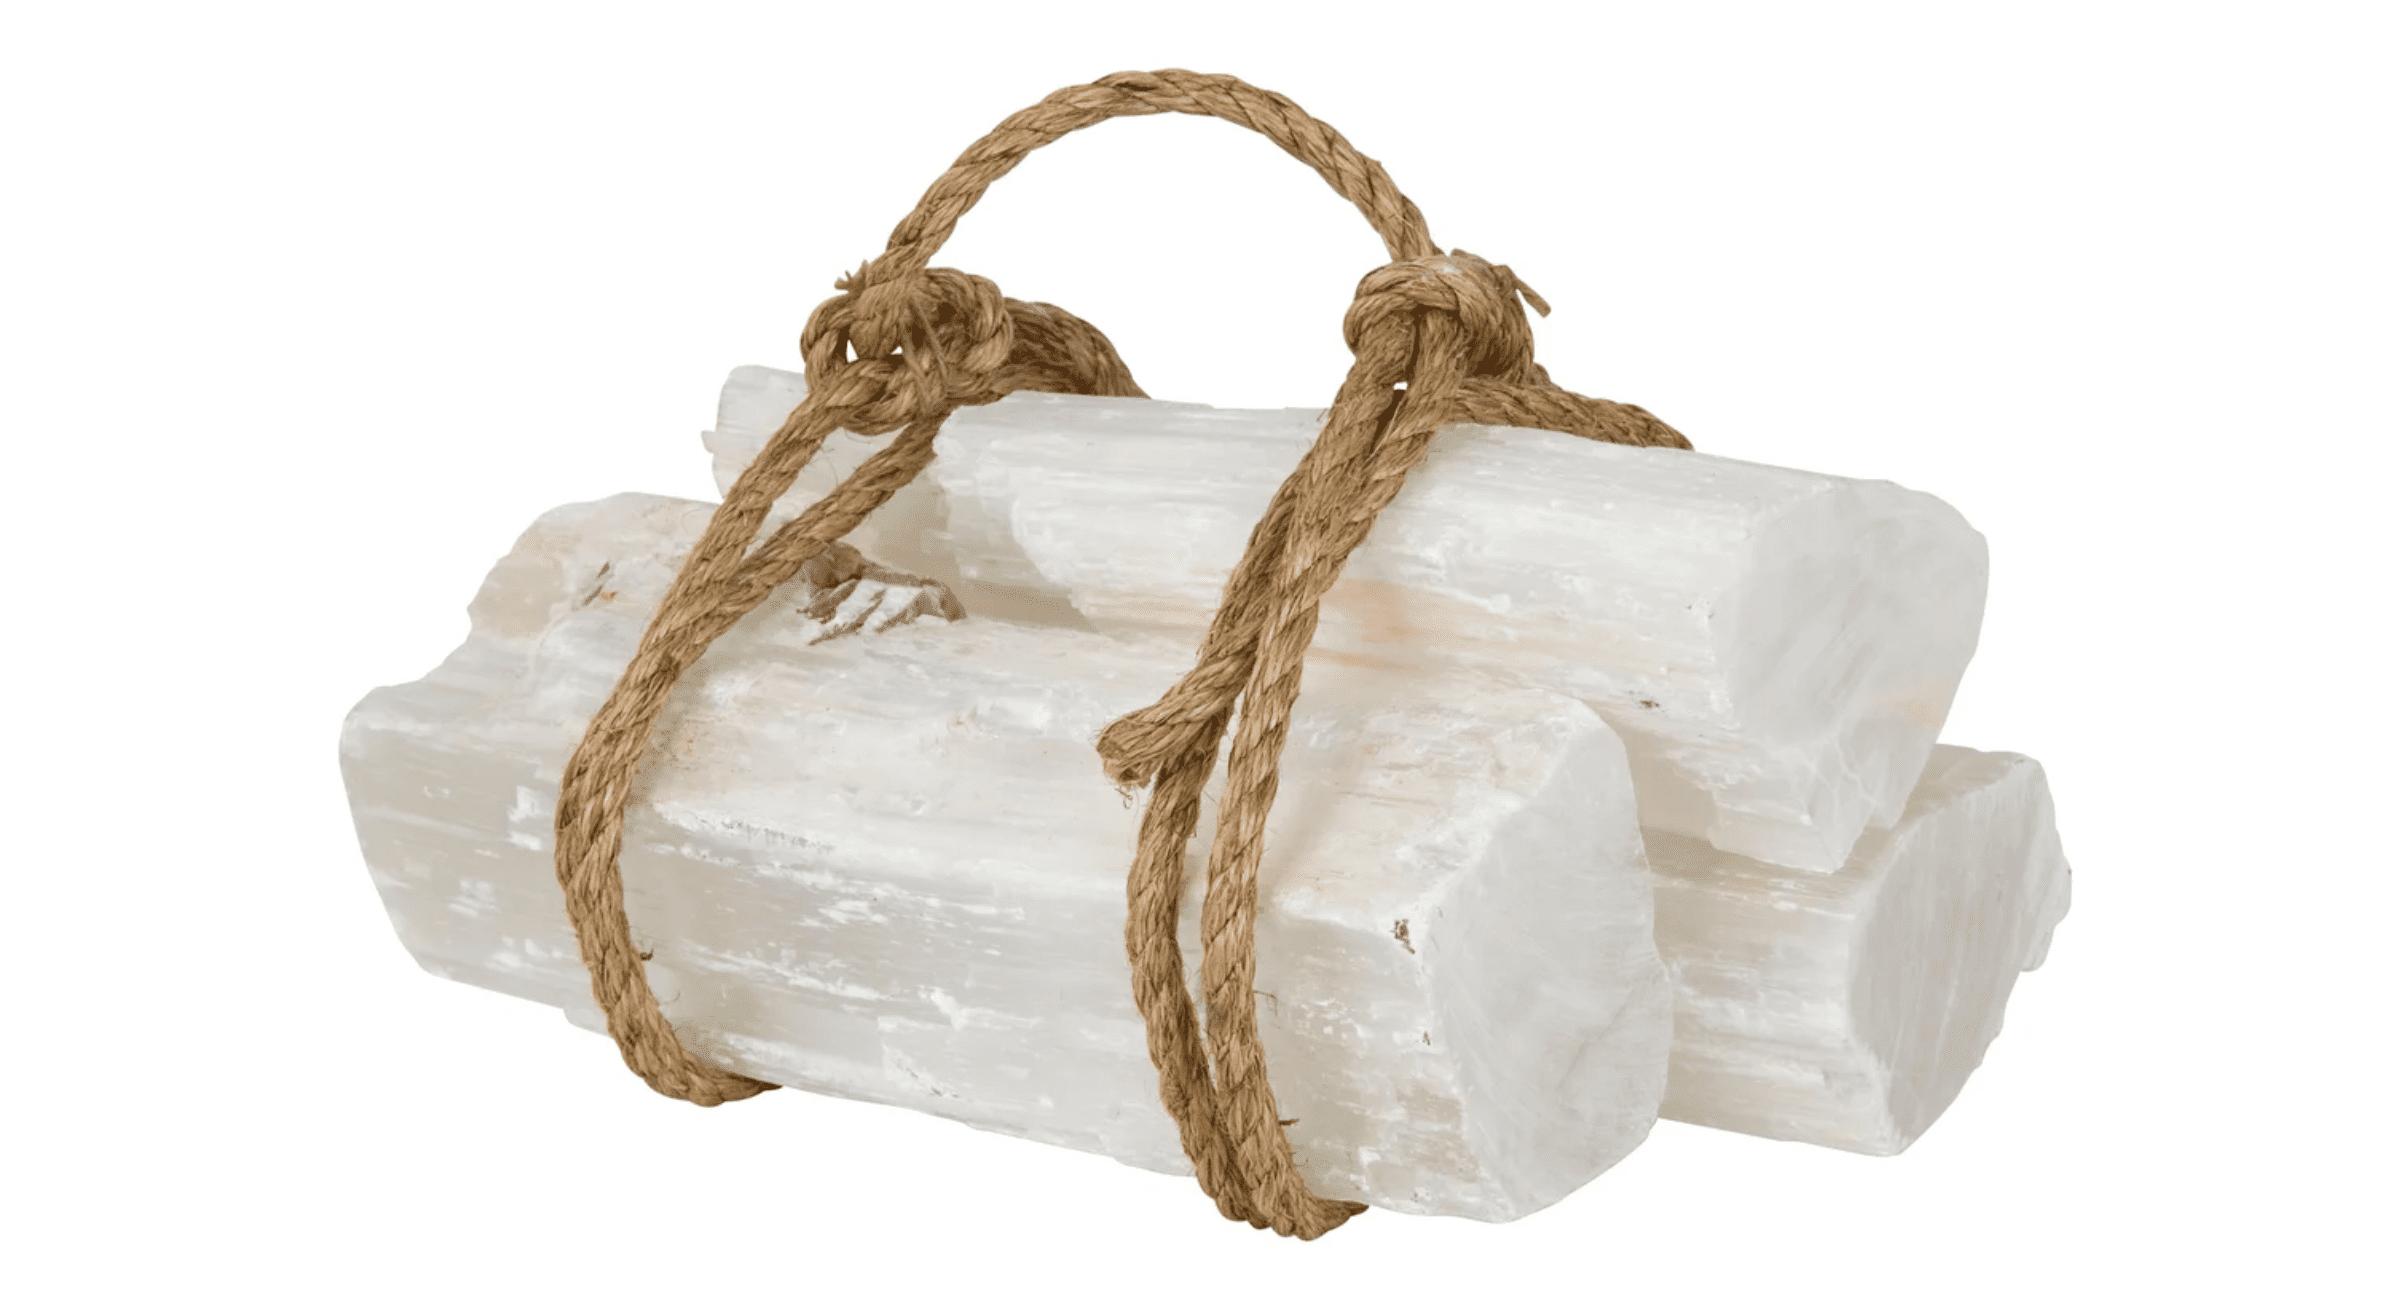 selenite logs